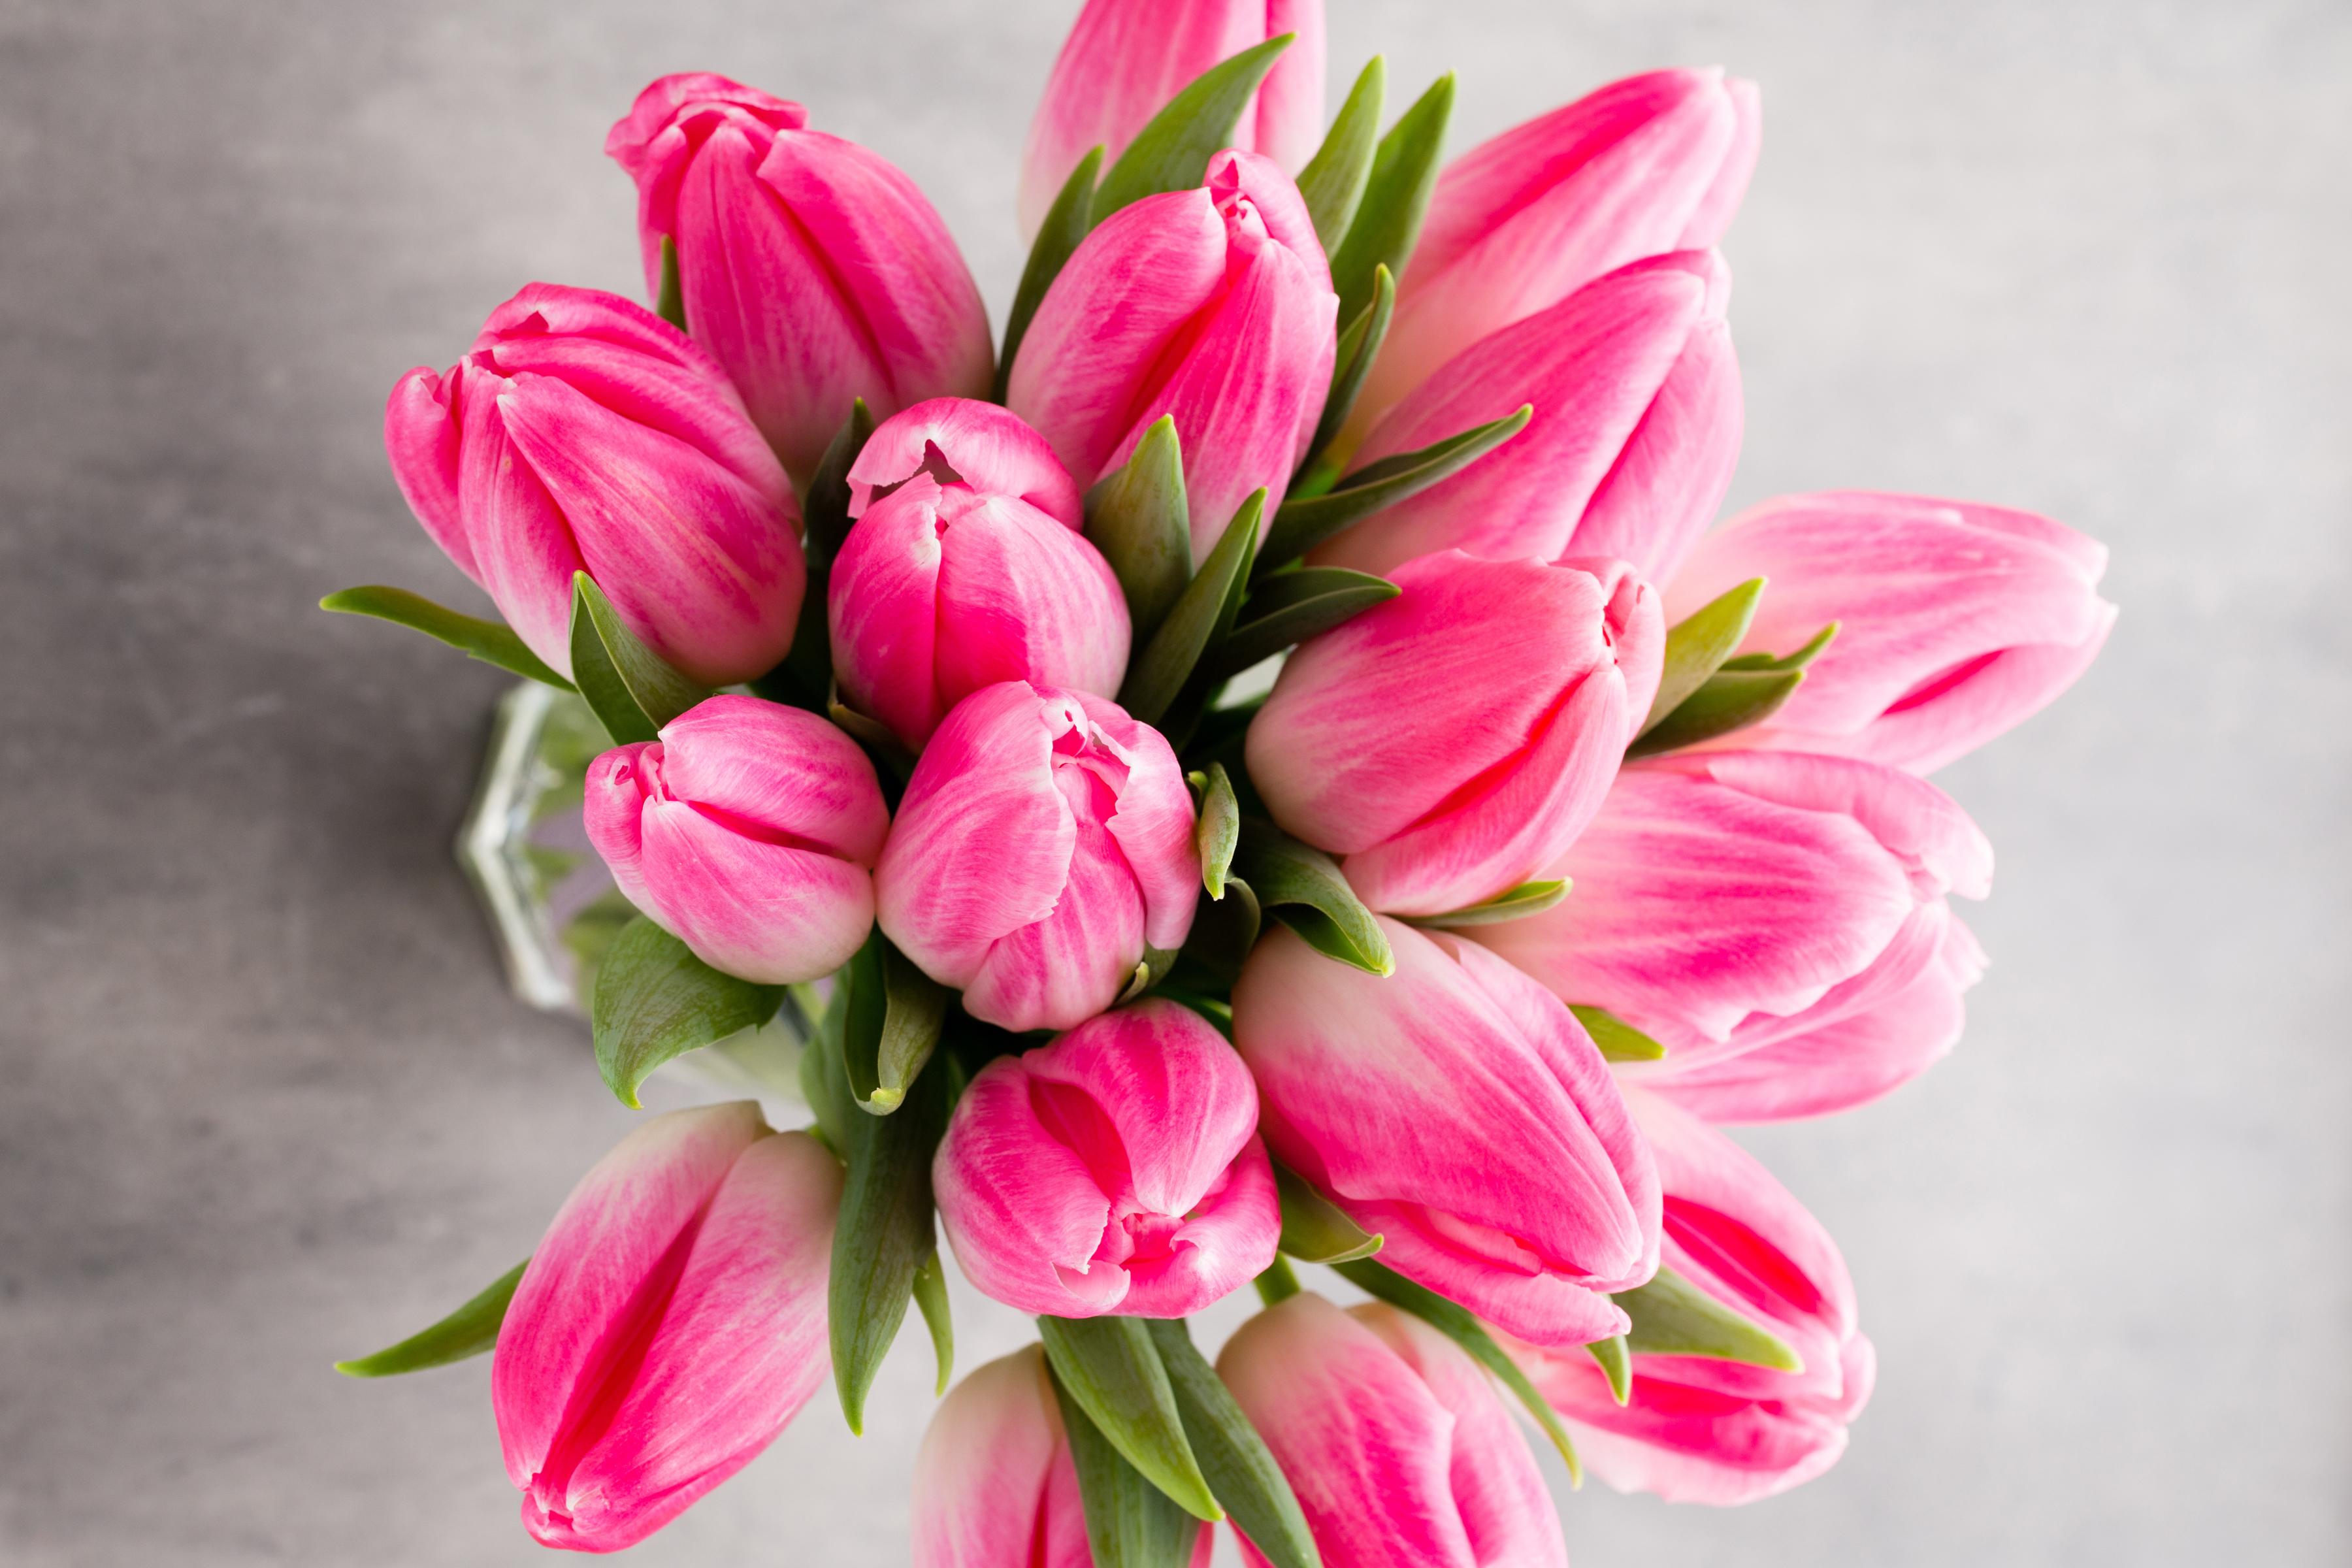 tulip-photo-62